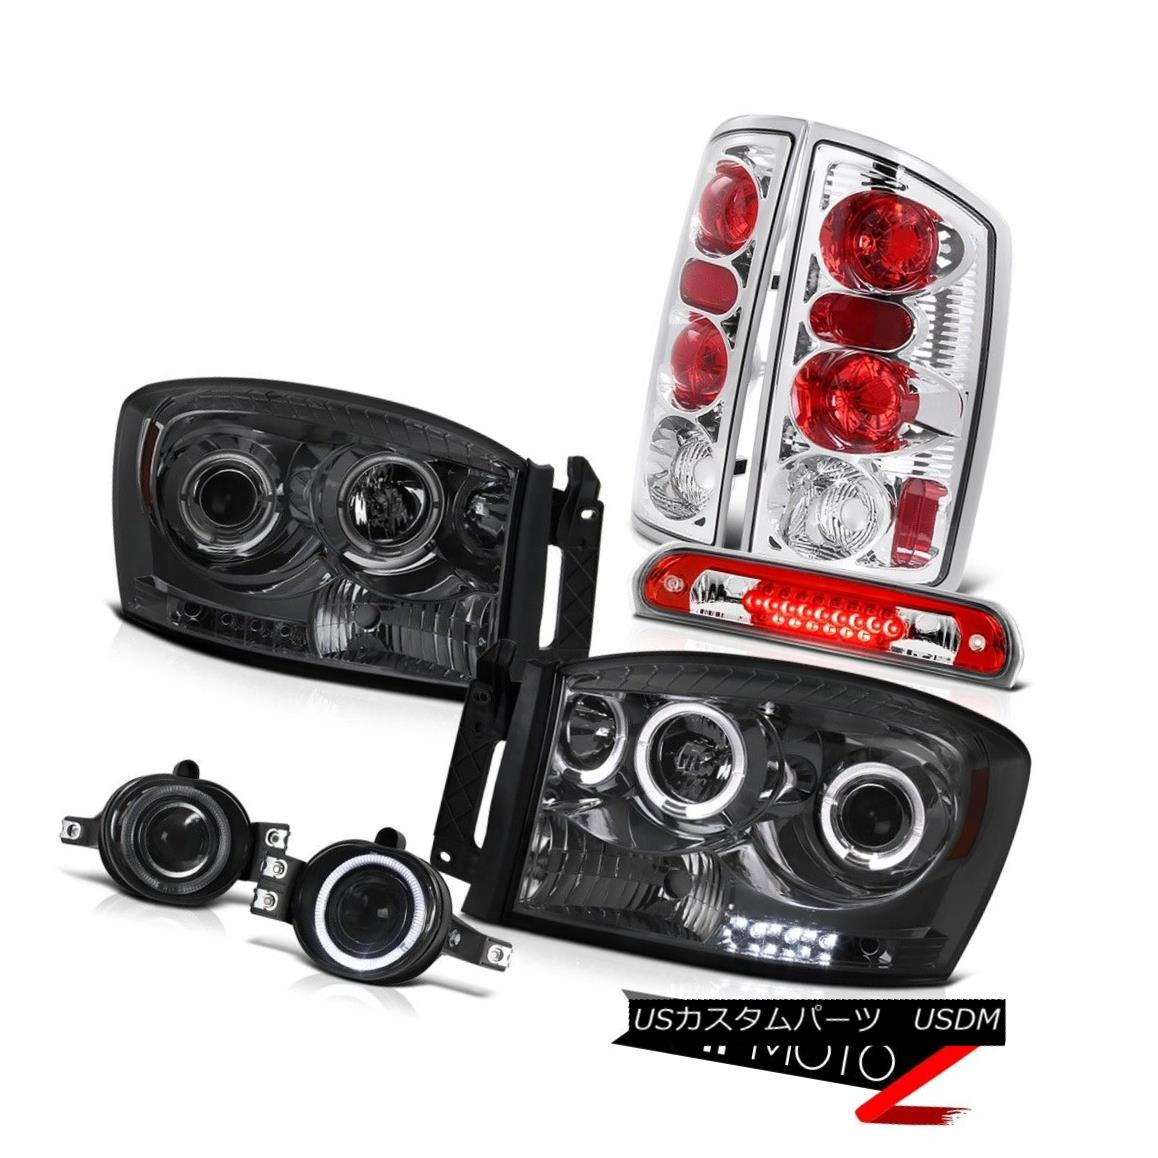 テールライト Smoke Halo Headlights Rear Tail Lamps Fog Roof Brake LED 2006 Dodge Ram 煙ハローヘッドライトリアテールランプ霧屋根ブレーキLED 2006 Dodge Ram